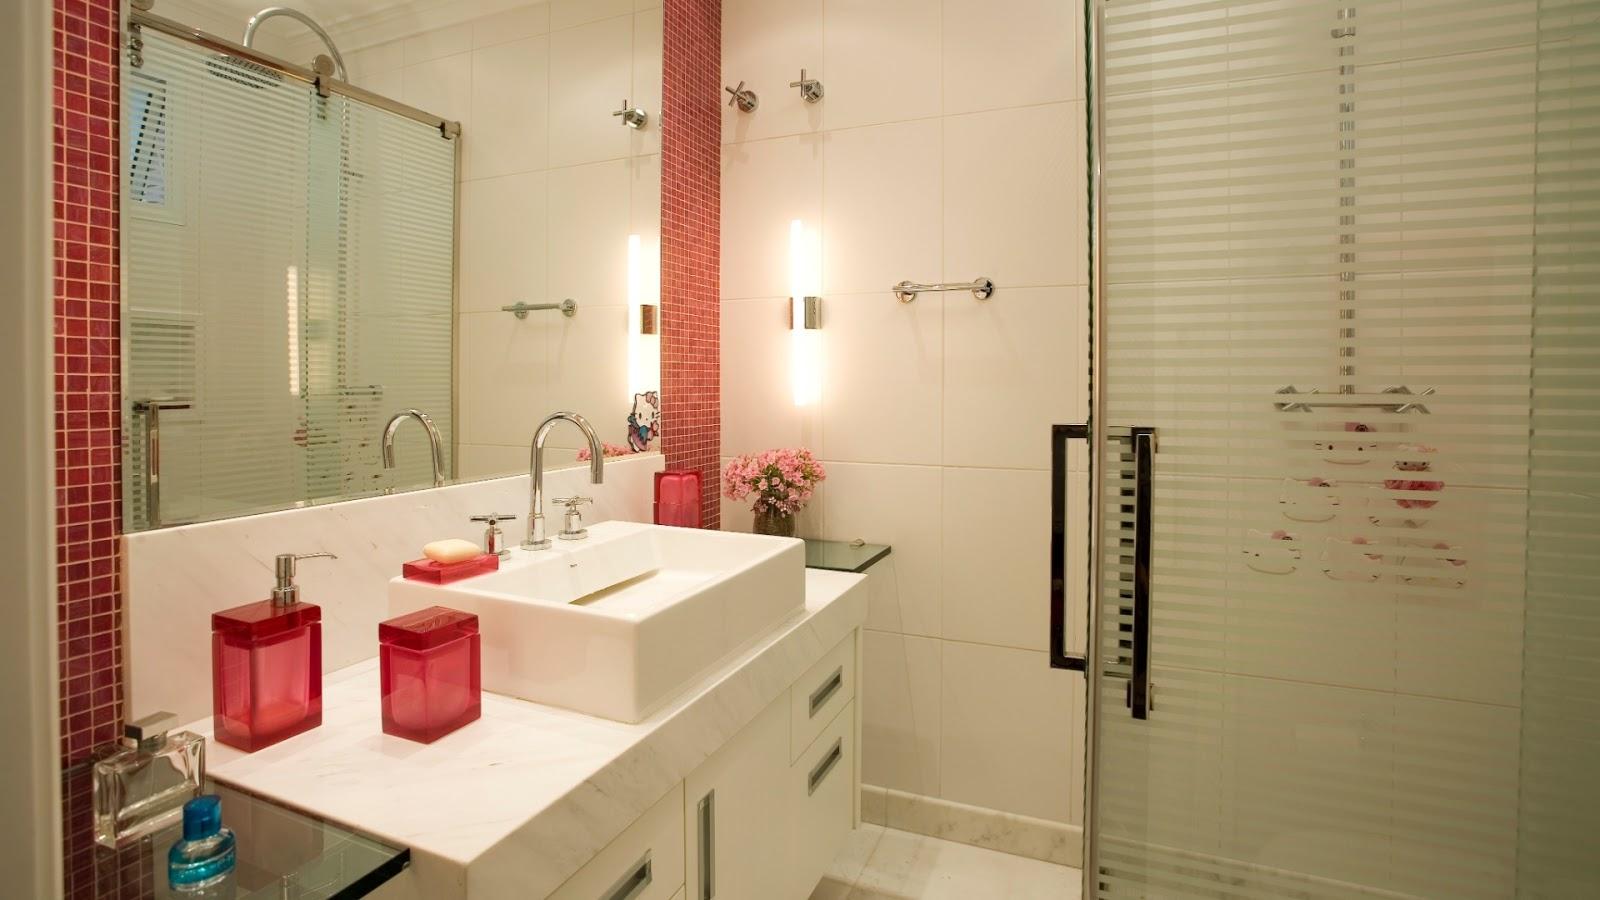 Donna Mariquinha : Pastilhas no Banheiro: eu quero! #1D6A6C 1600x900 Banheiro Com Pastilhas Box